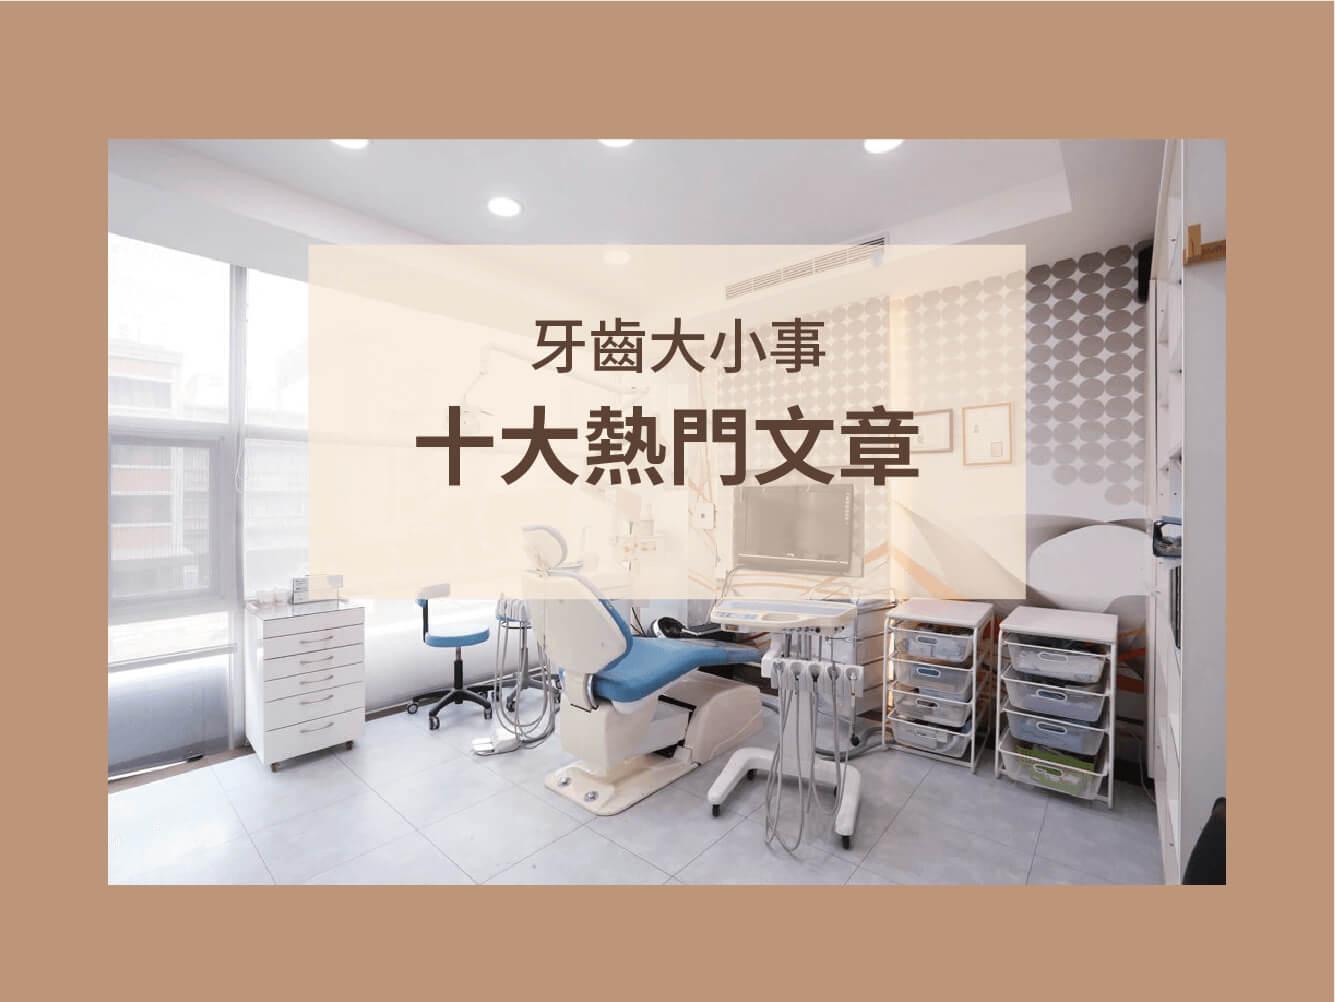 竹北品悅牙醫師們寫的十大熱門文章